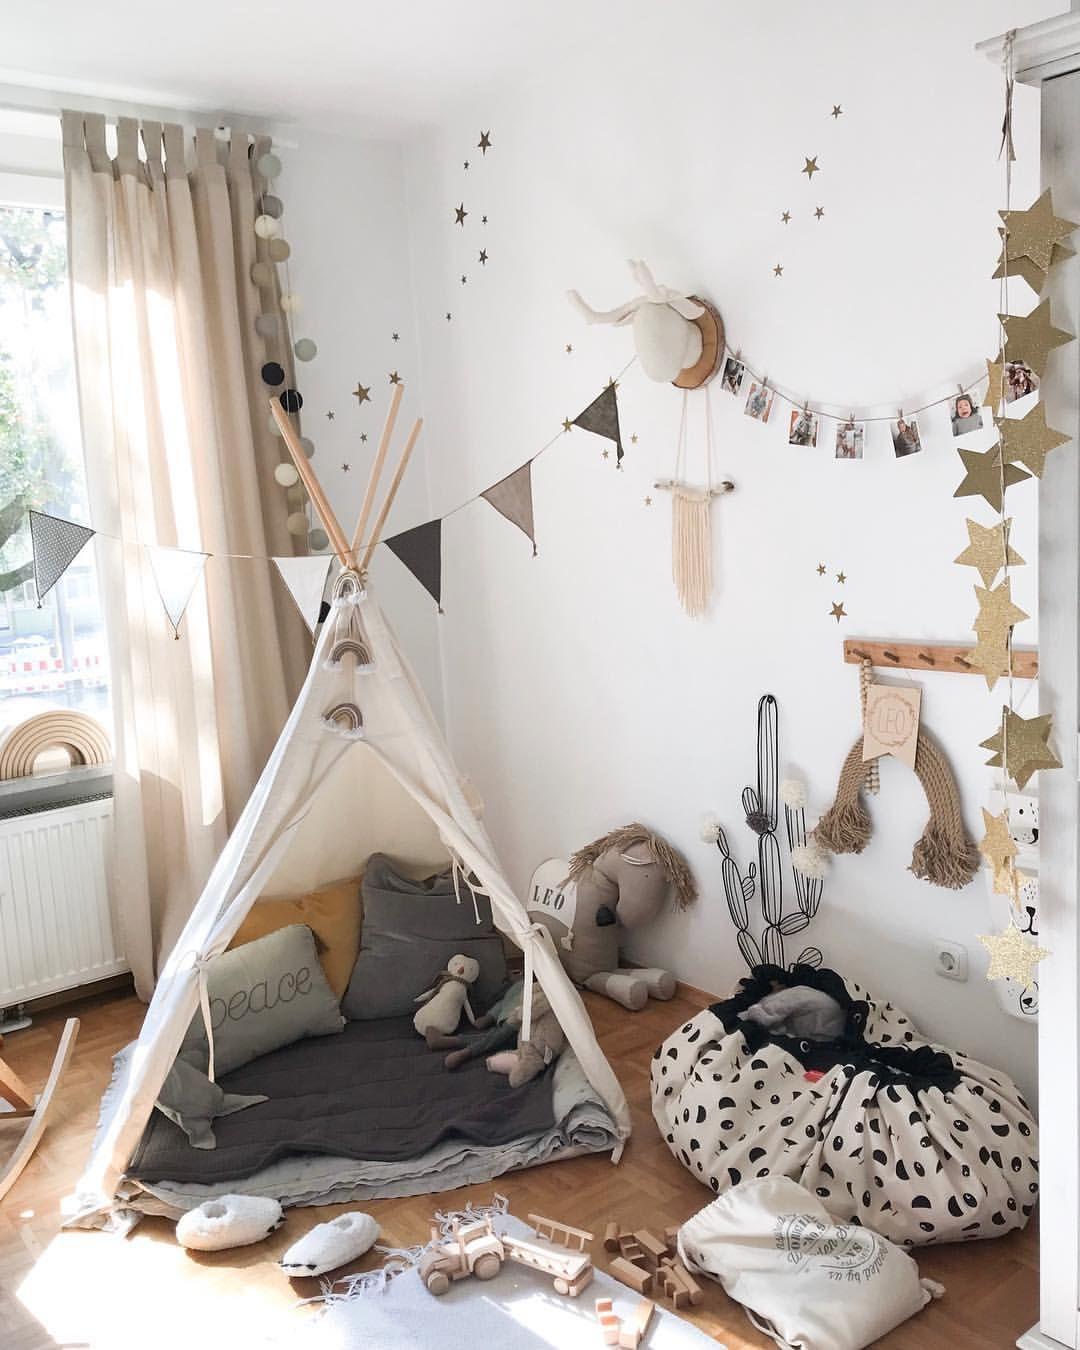 Kinderzimmer Babyzimmer Junge Mädchen einrichten Idee Inspo #kidsroomchallenge#krcfavouritecorner#kidsroomdecor#kidsroom#favoritecorner#tipi#favoriteplace#kinderzimmer#kinderzimmerdeko #kleinkindzimmer